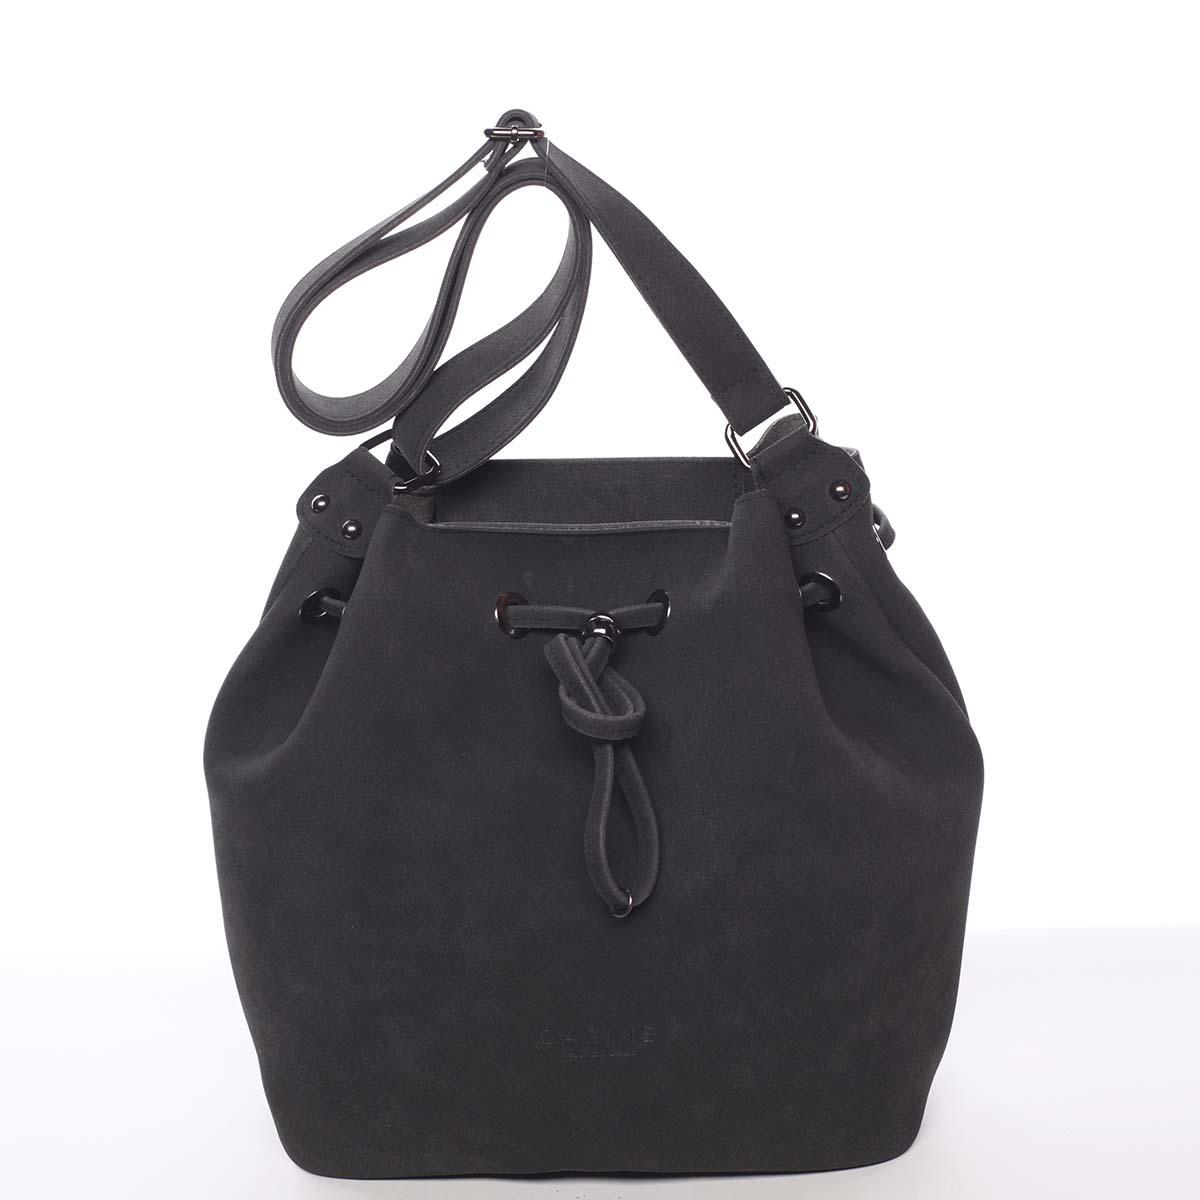 Módní dámská crossbody kabelka černá - Carine Sherlyn